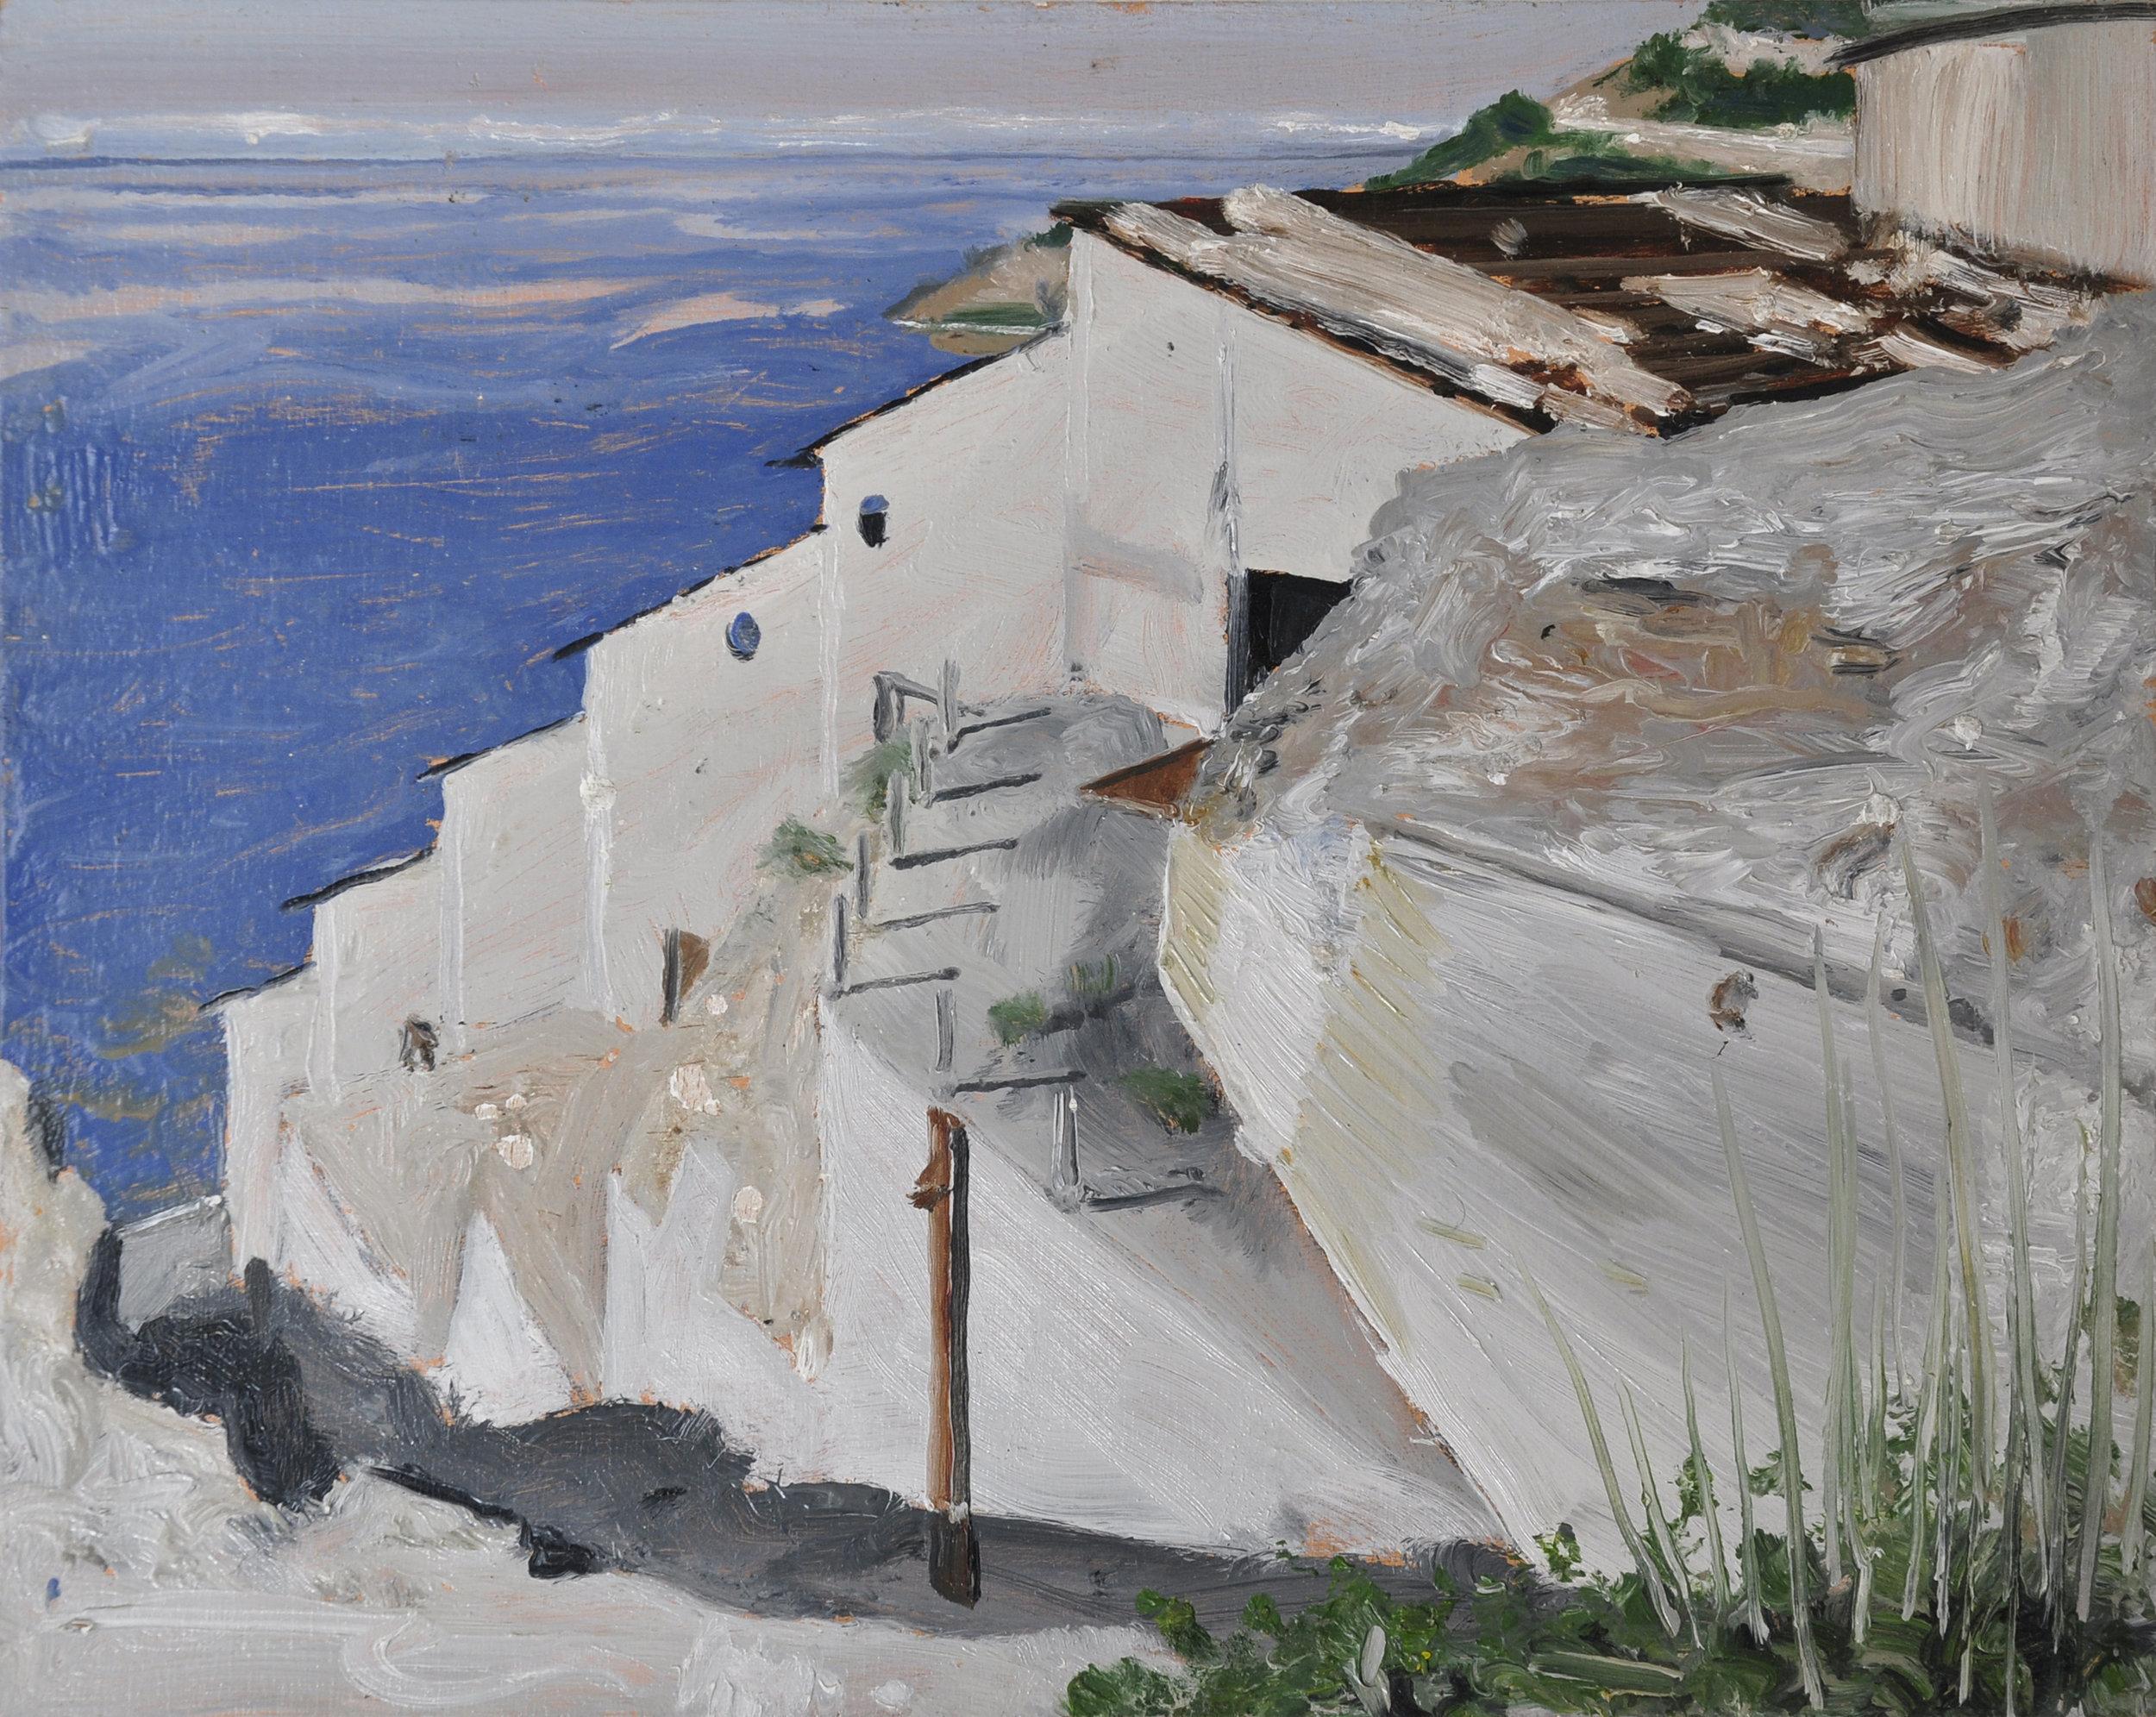 Canari (Corse) 2004